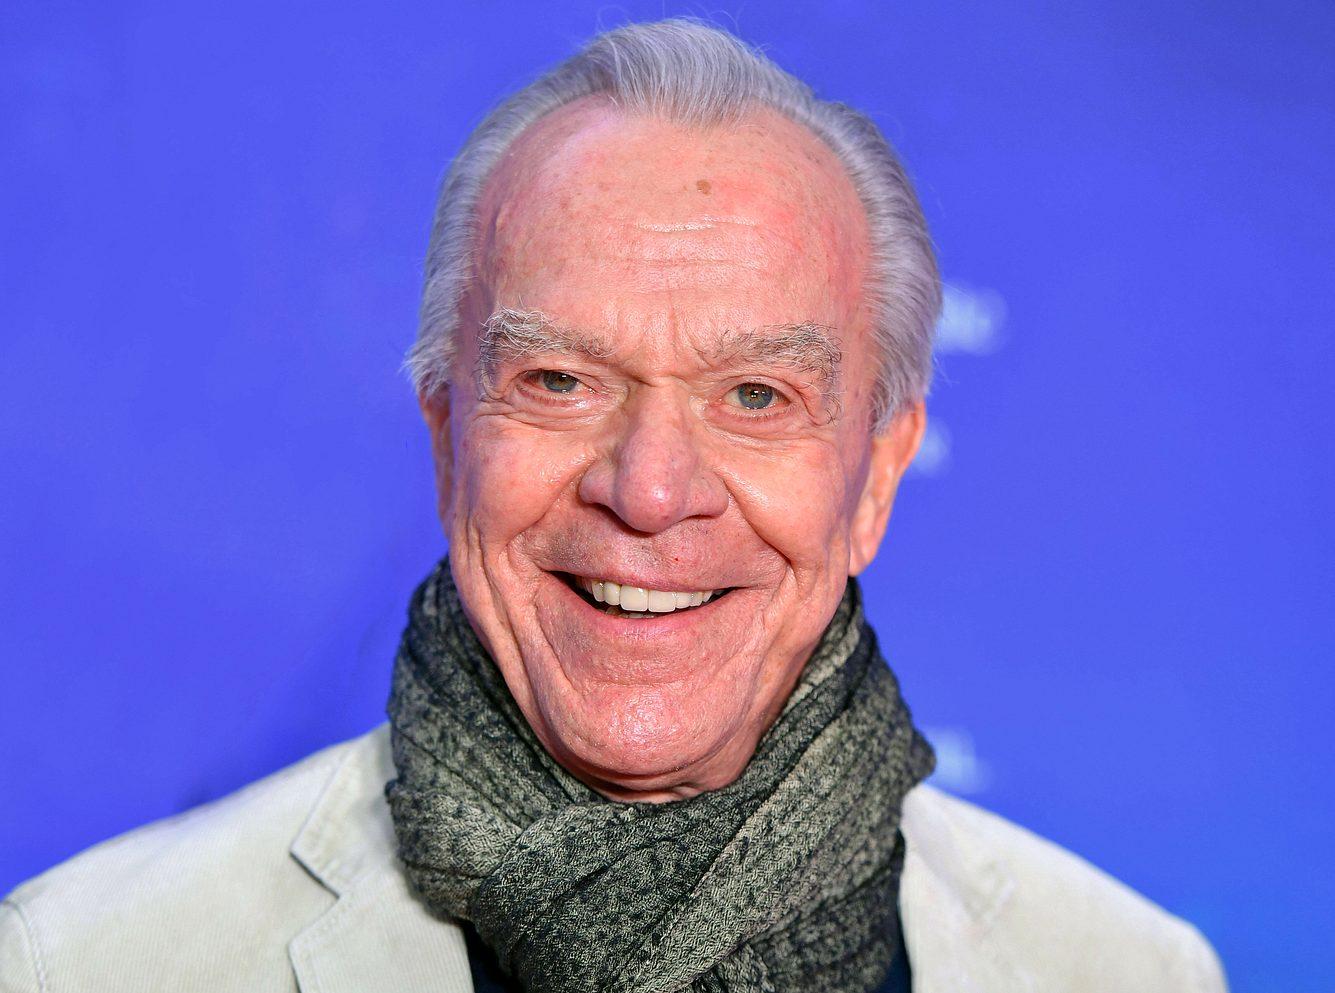 Dirk Galuba spielt bei 'Sturm der Liebe' die Figur Werner Saalfeld.